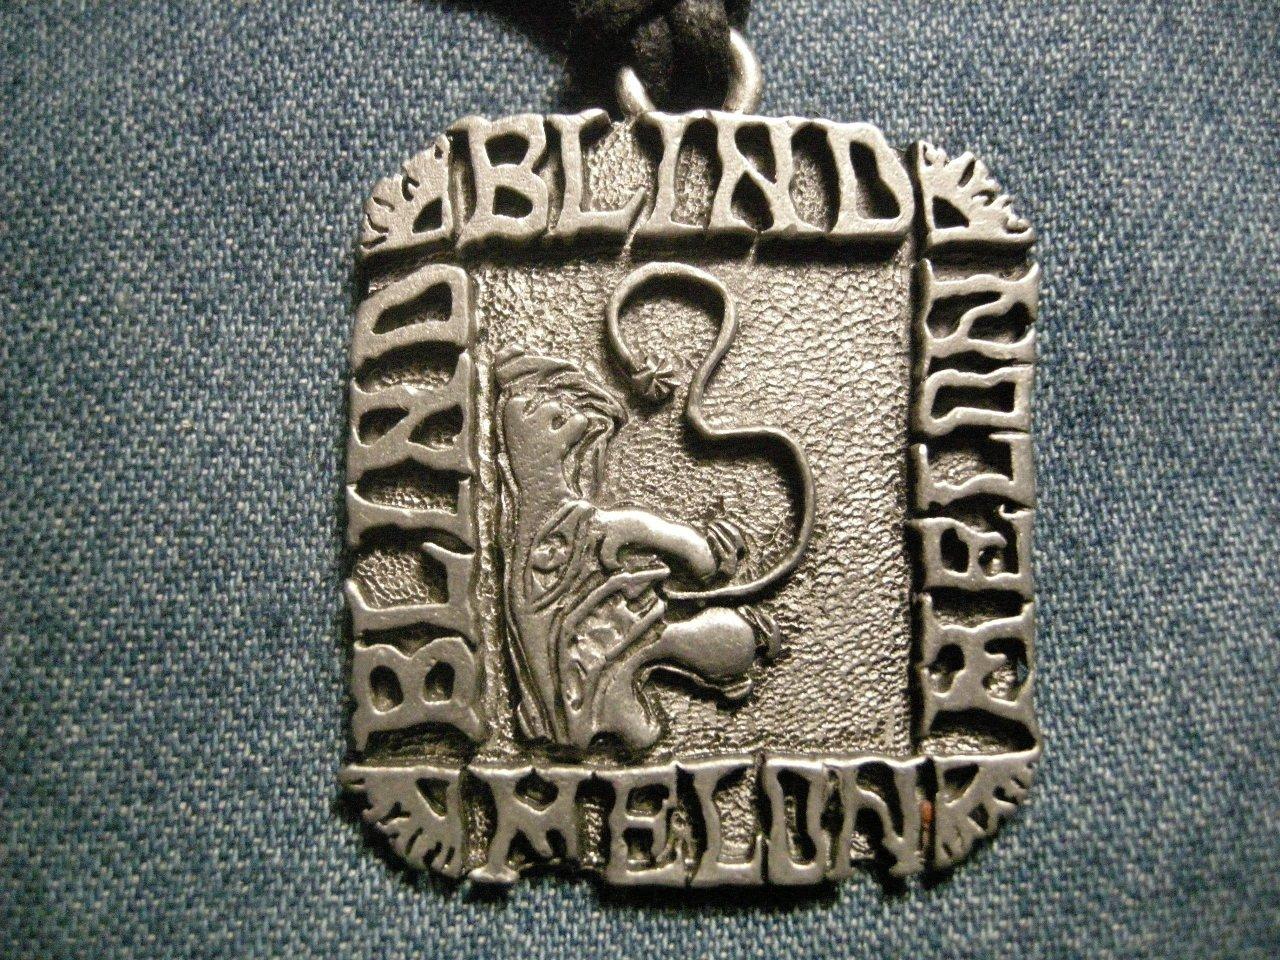 BLIND MELON METAL NECKLACE vintage HTF